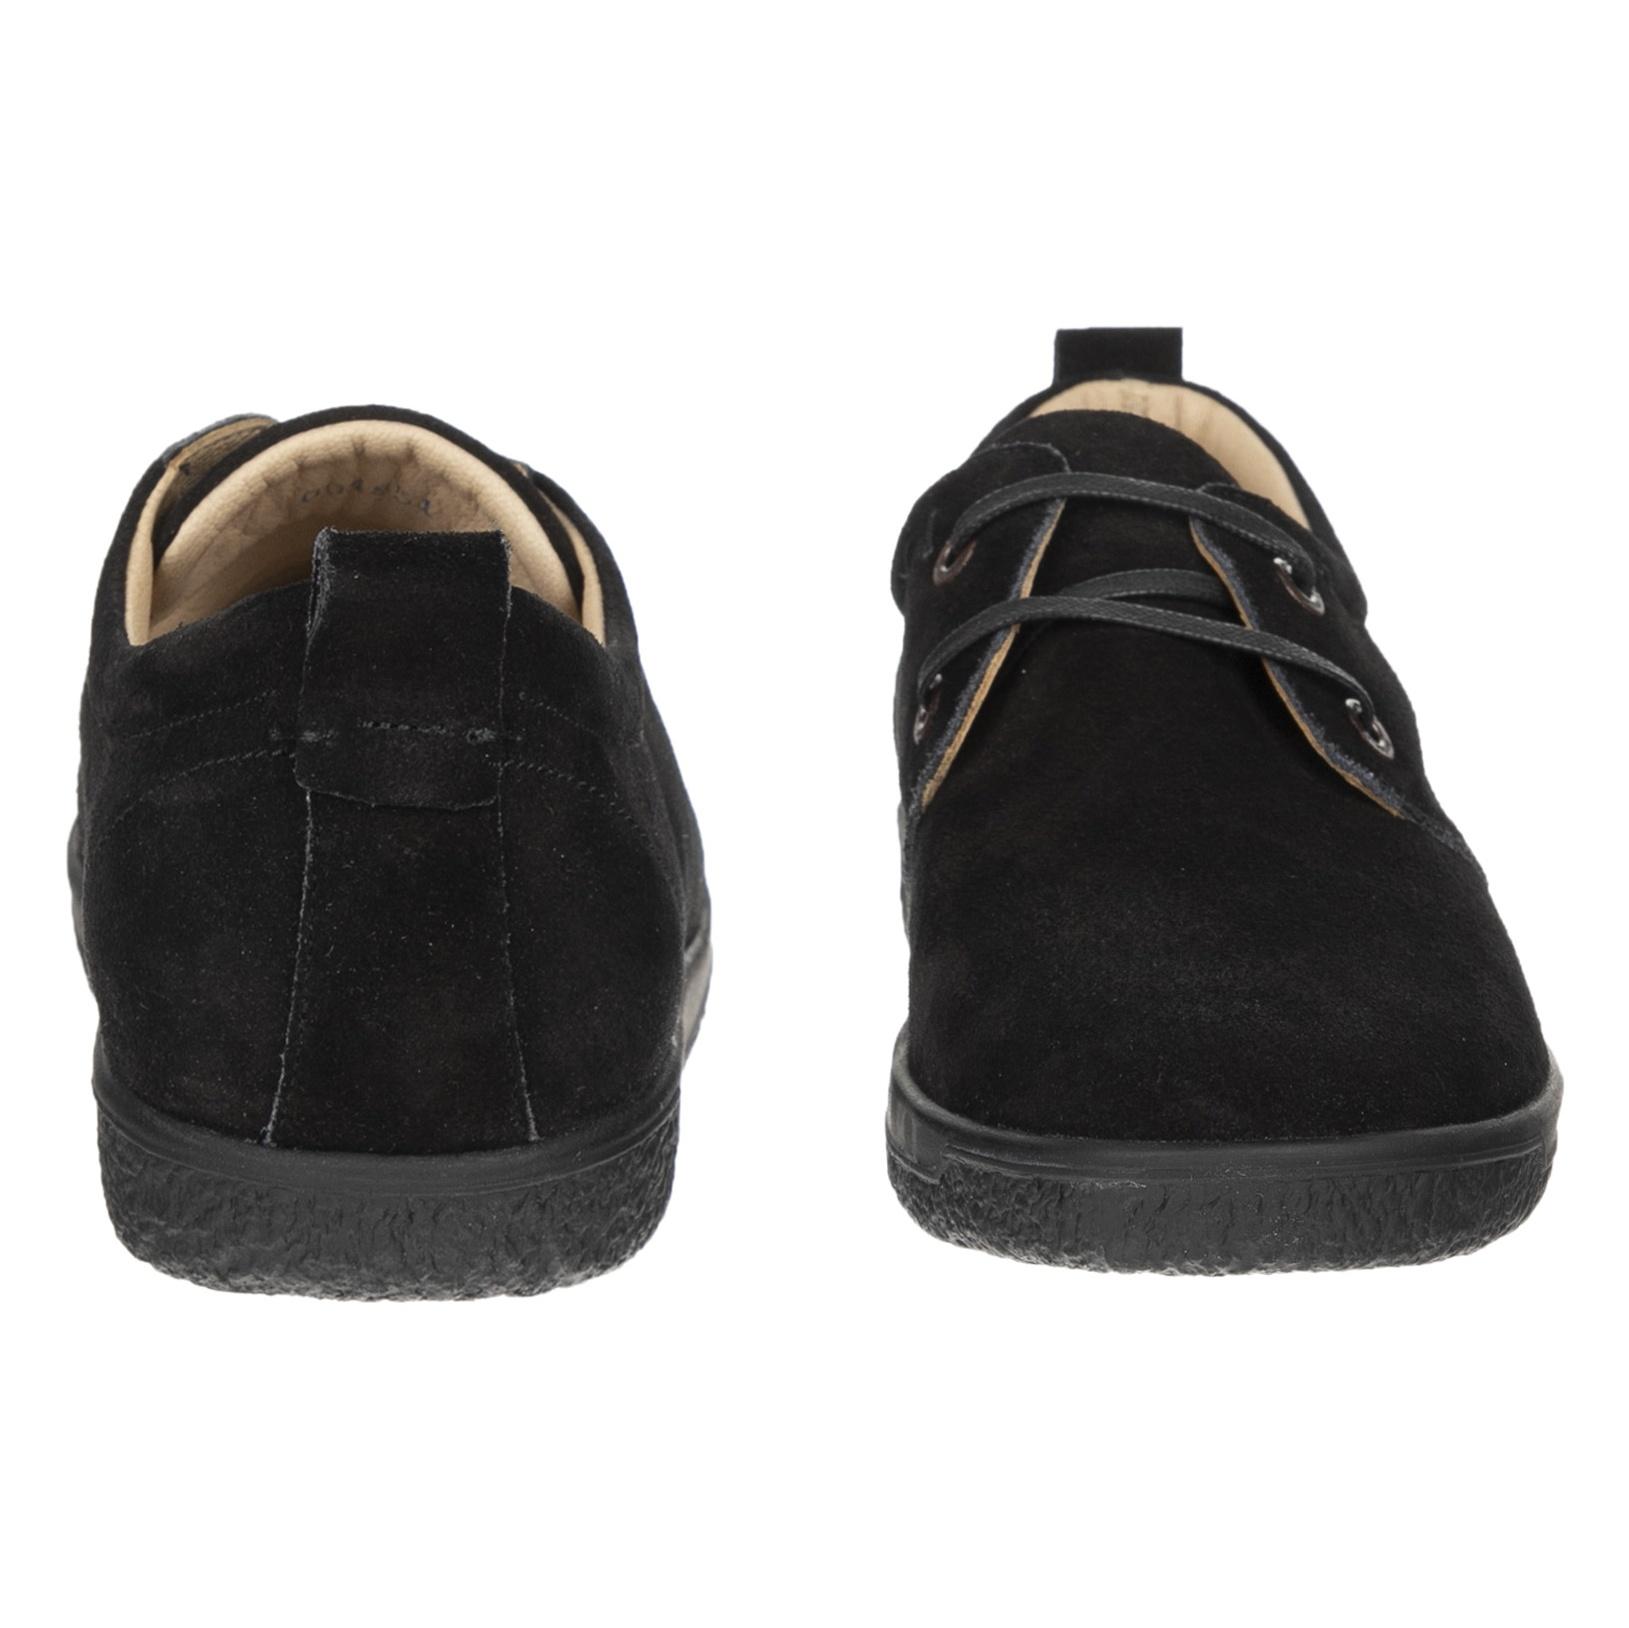 کفش روزمره نه برتونیکس مدل 355-27